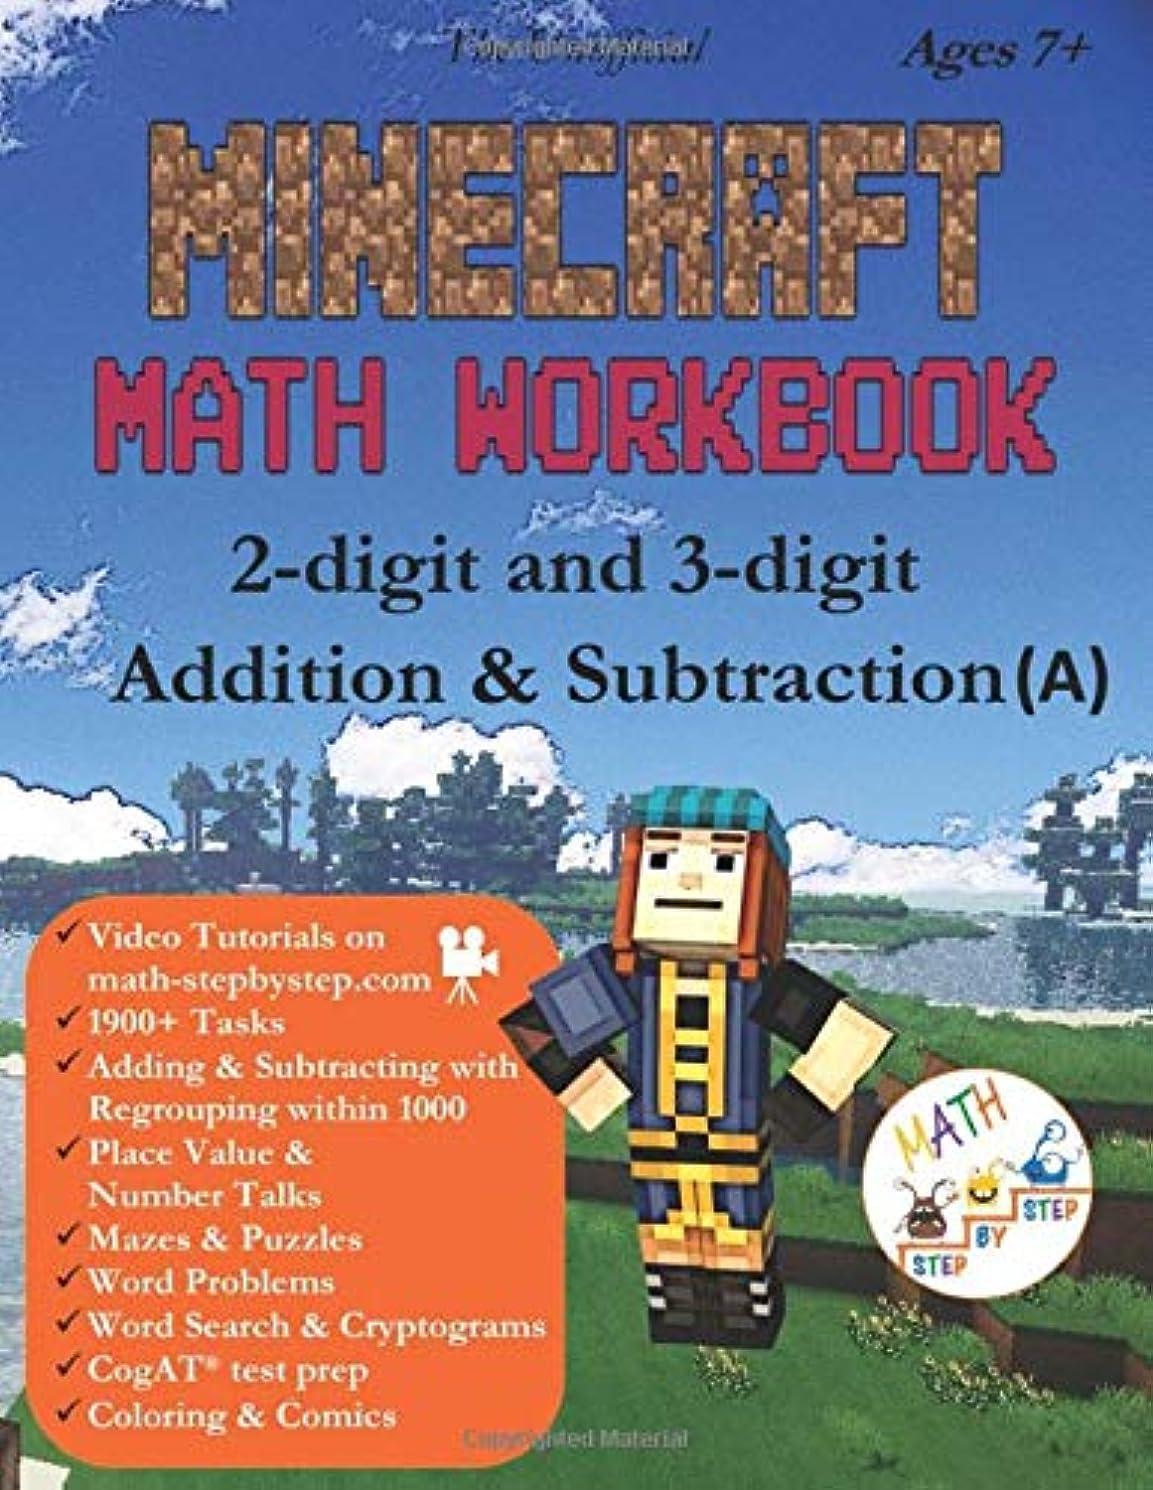 期限ソビエトドアミラーThe Unofficial Minecraft Math Workbook 2-digit and 3-digit Addition & Subtraction (A) Ages 7+: Coloring, Tricks, Mazes, Puzzles, Word Search (Math Step-by Step)